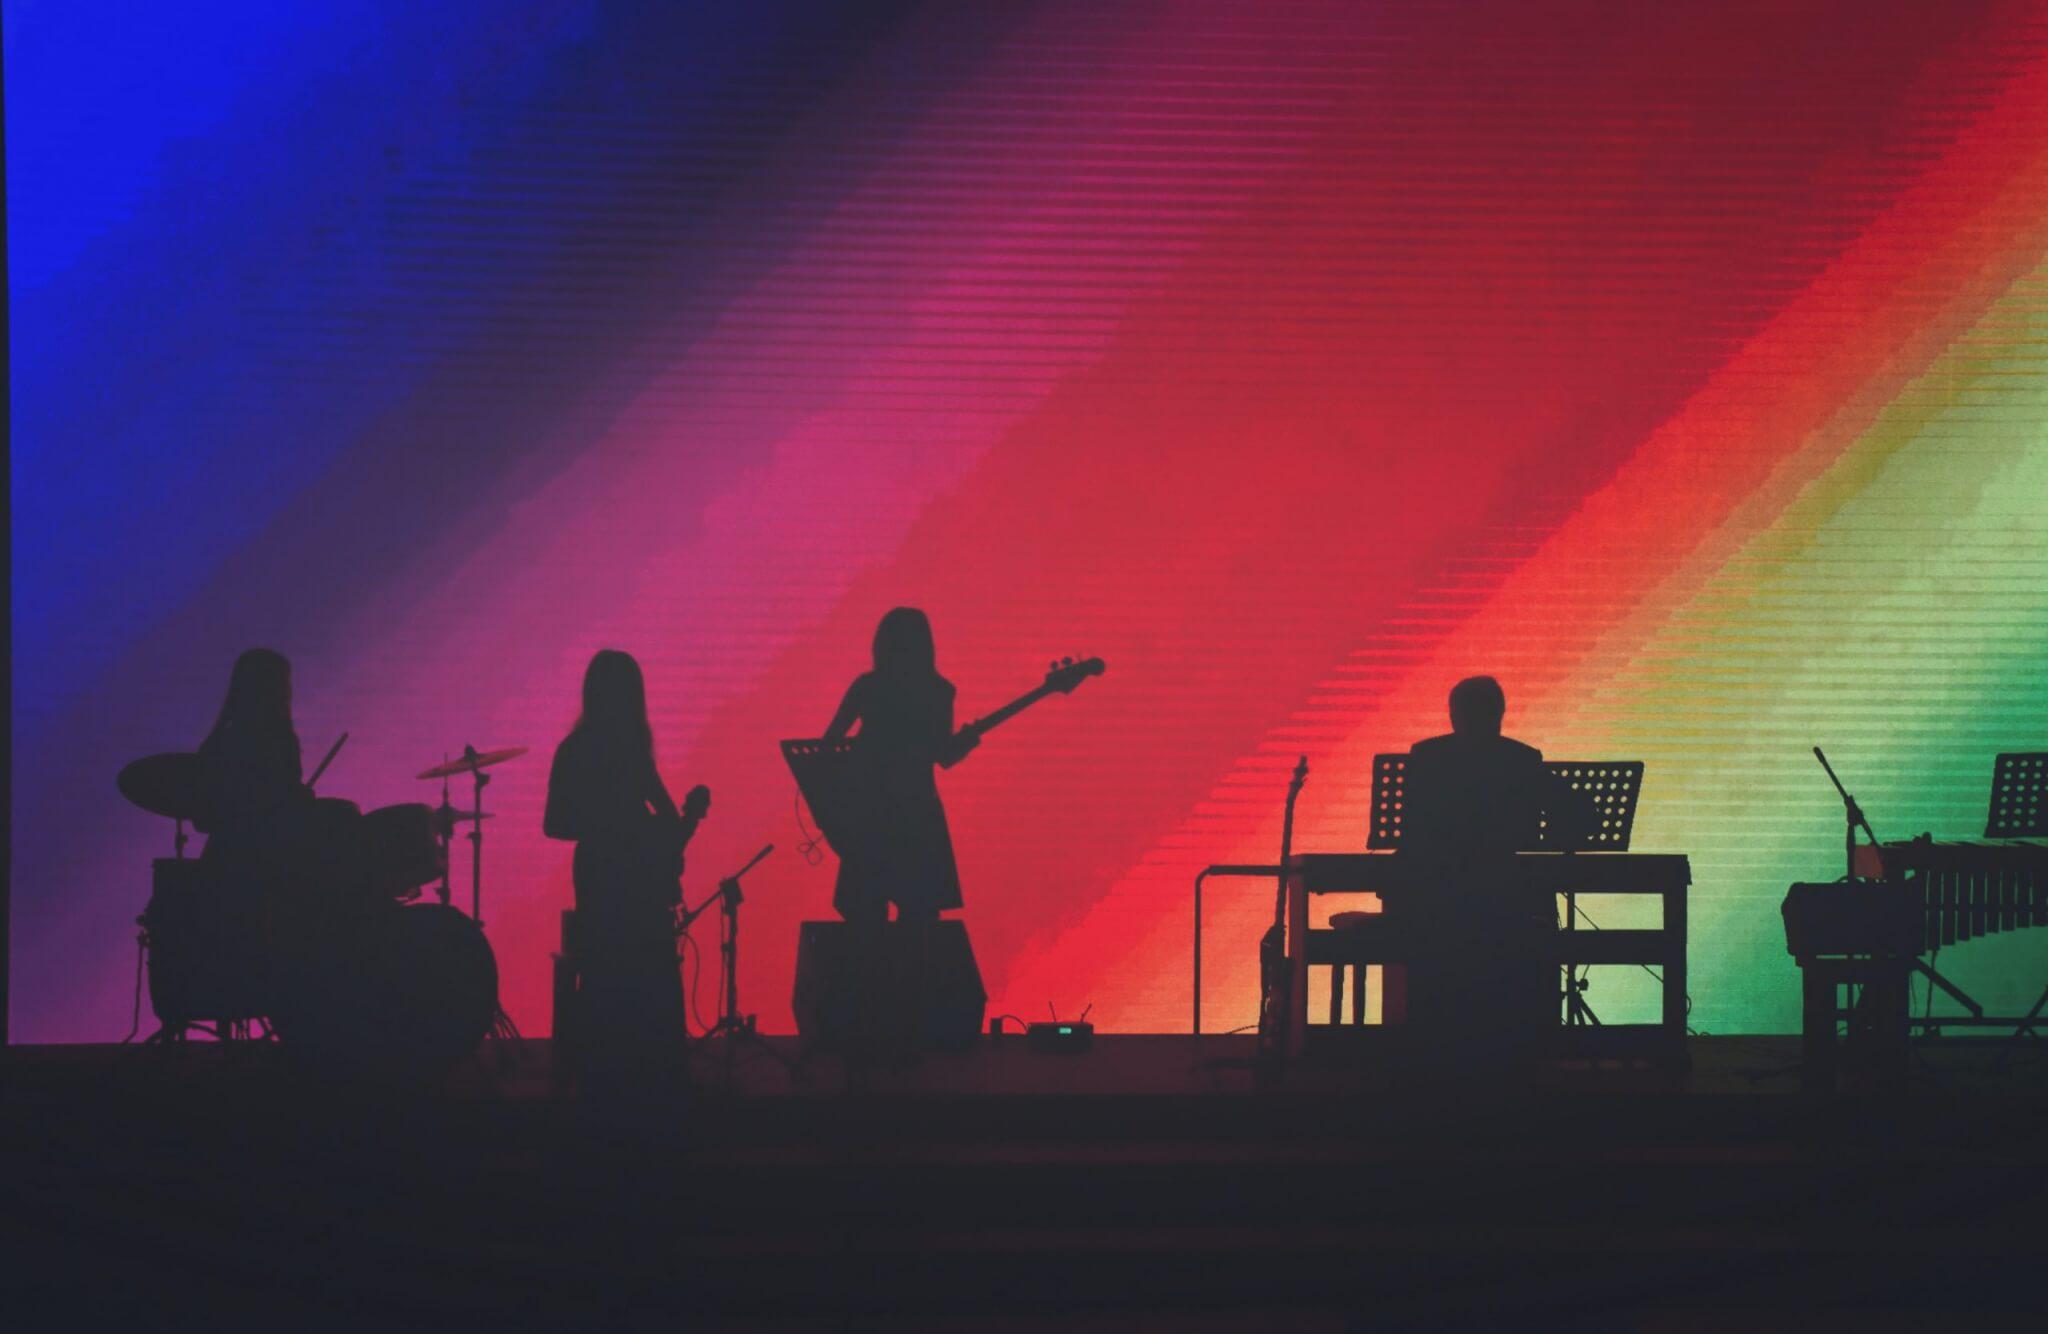 Весь мир на ладони: бесплатные новогодние онлайн-концерты и фестивали